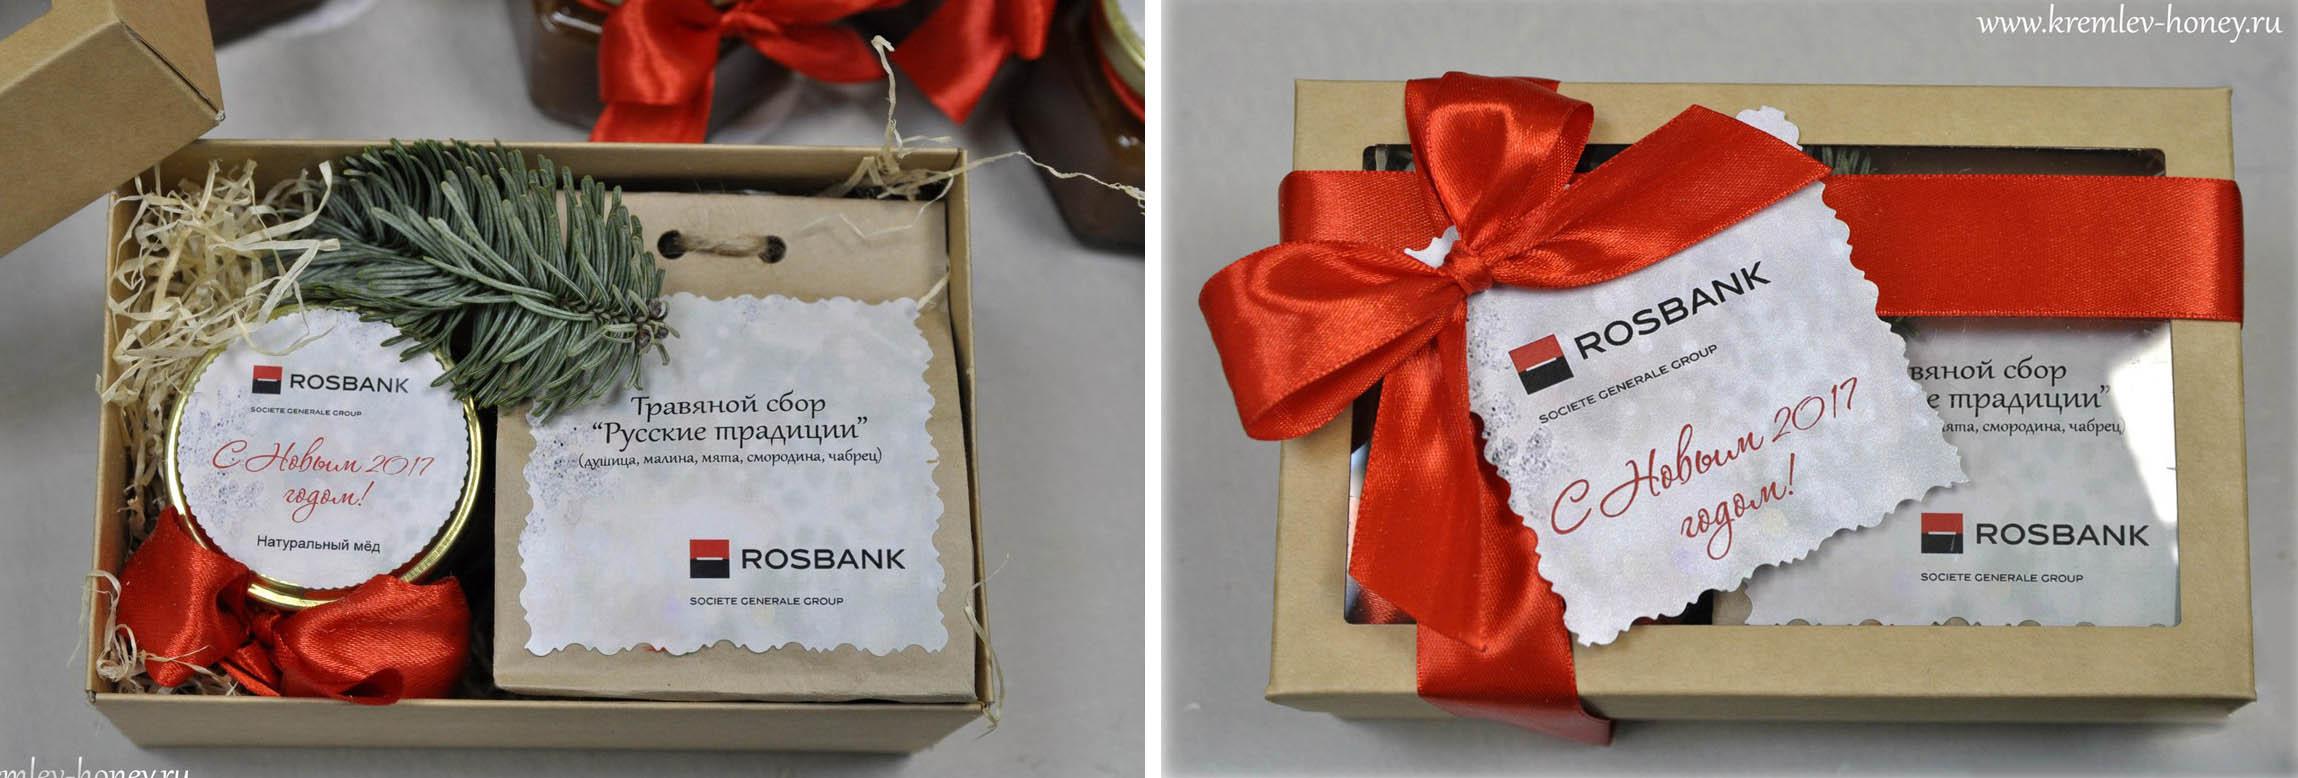 Для сотрудников подарок 501